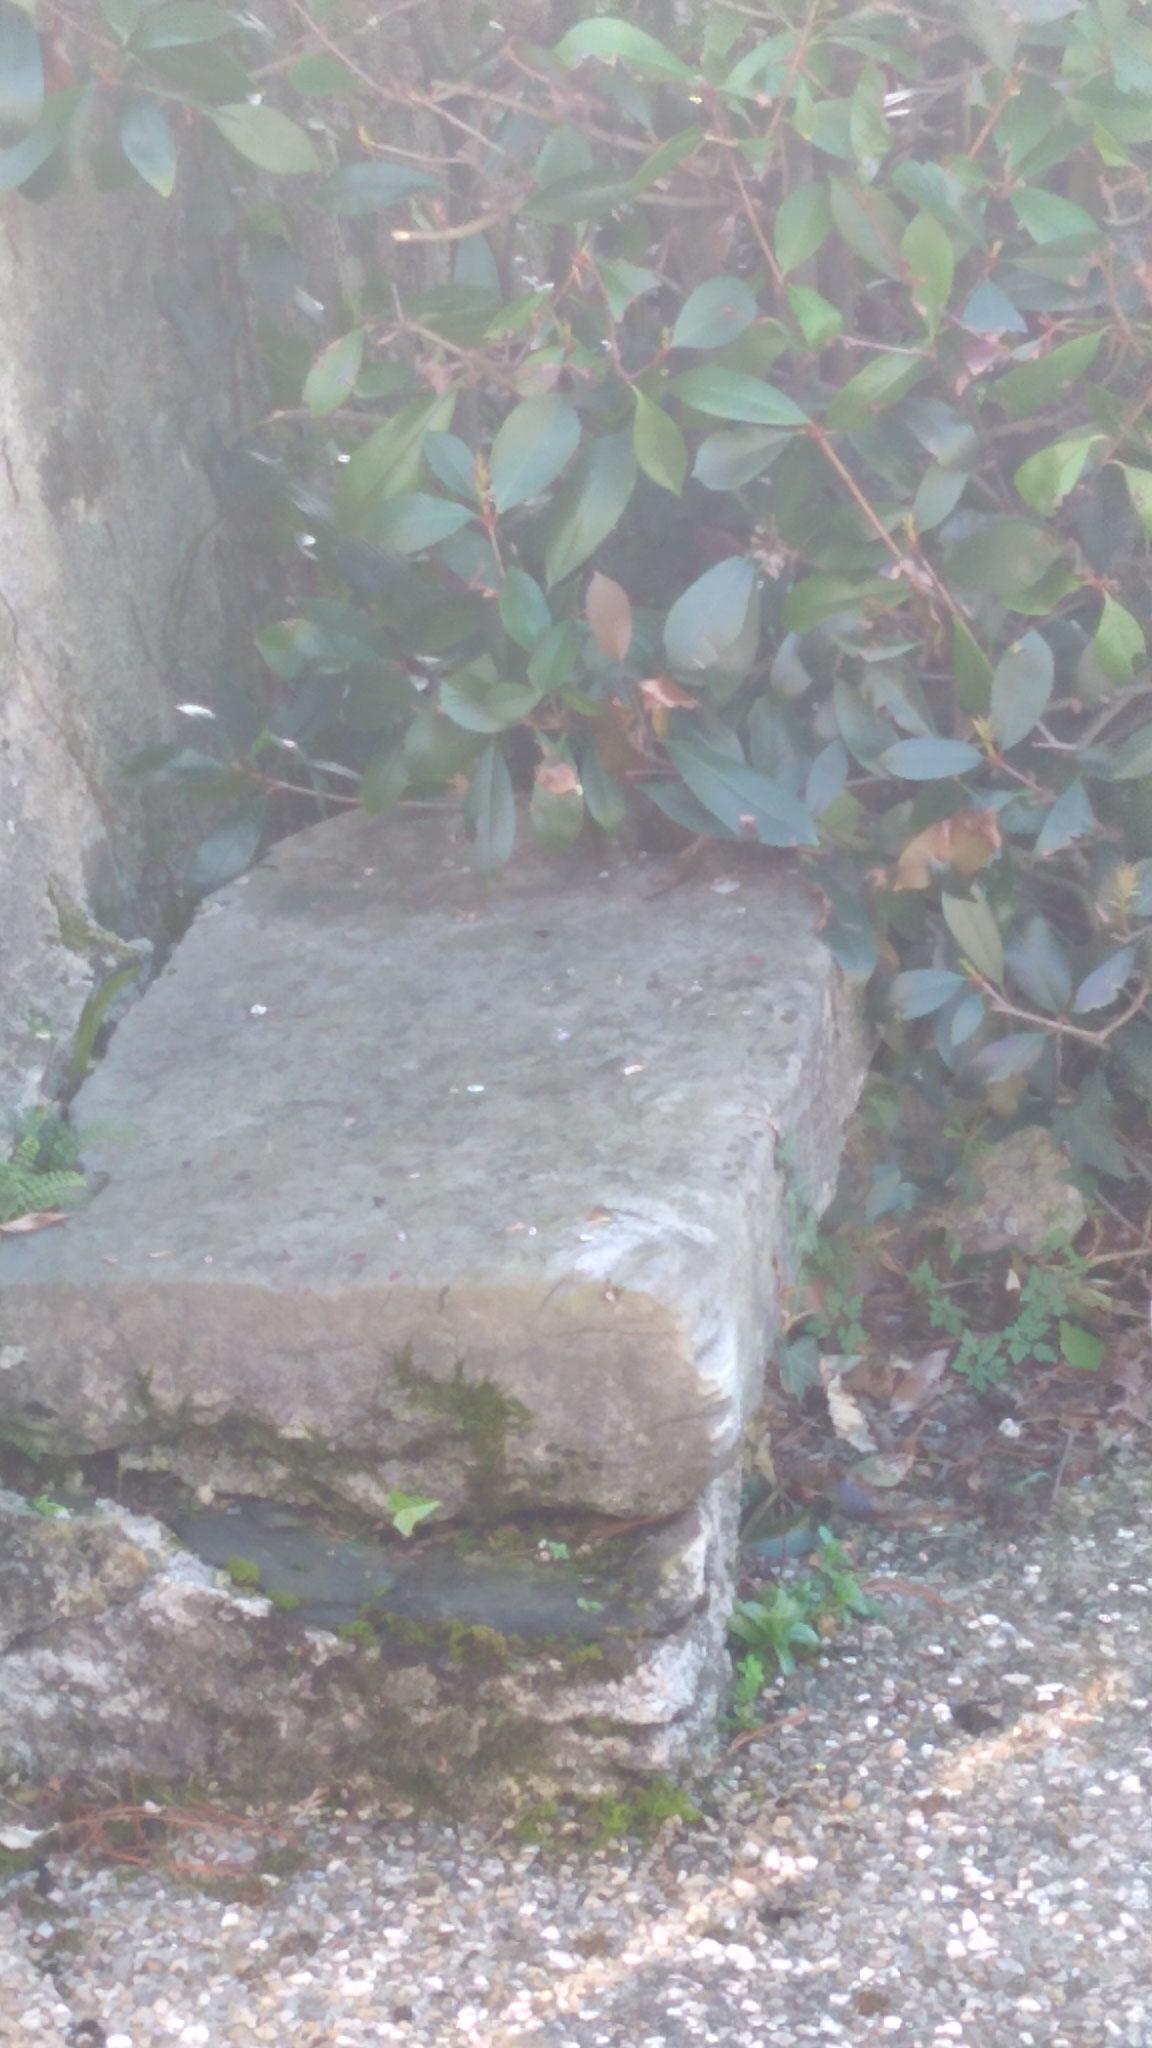 une simple pierre surélevée , à l'époque , il n'y avait pas la haie actuelle